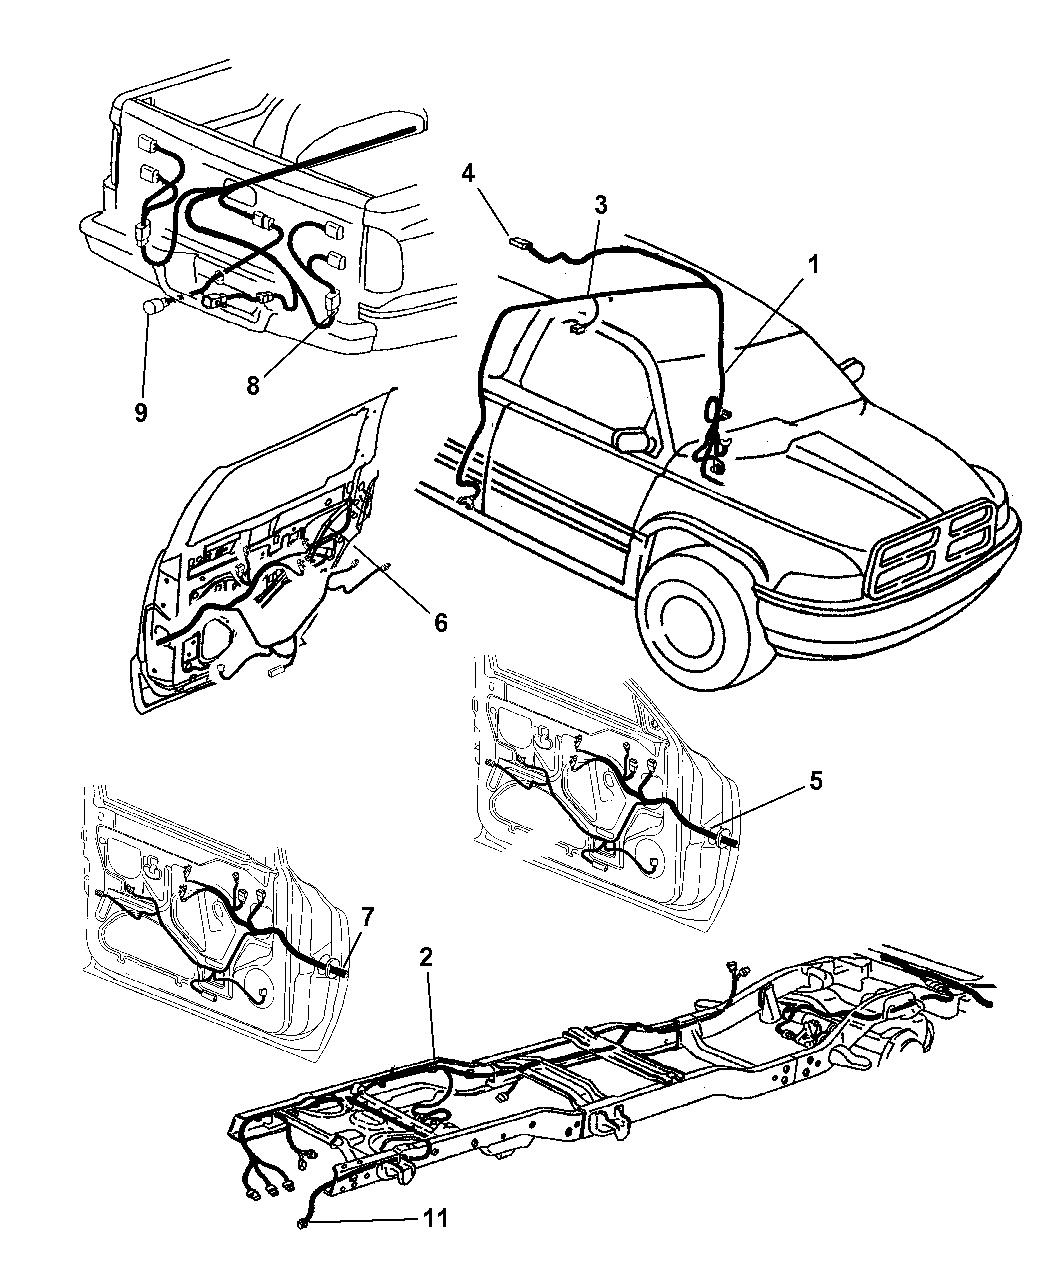 56020189 - Genuine Mopar WIRING-TEMPERATURE SENSOR JUMPER